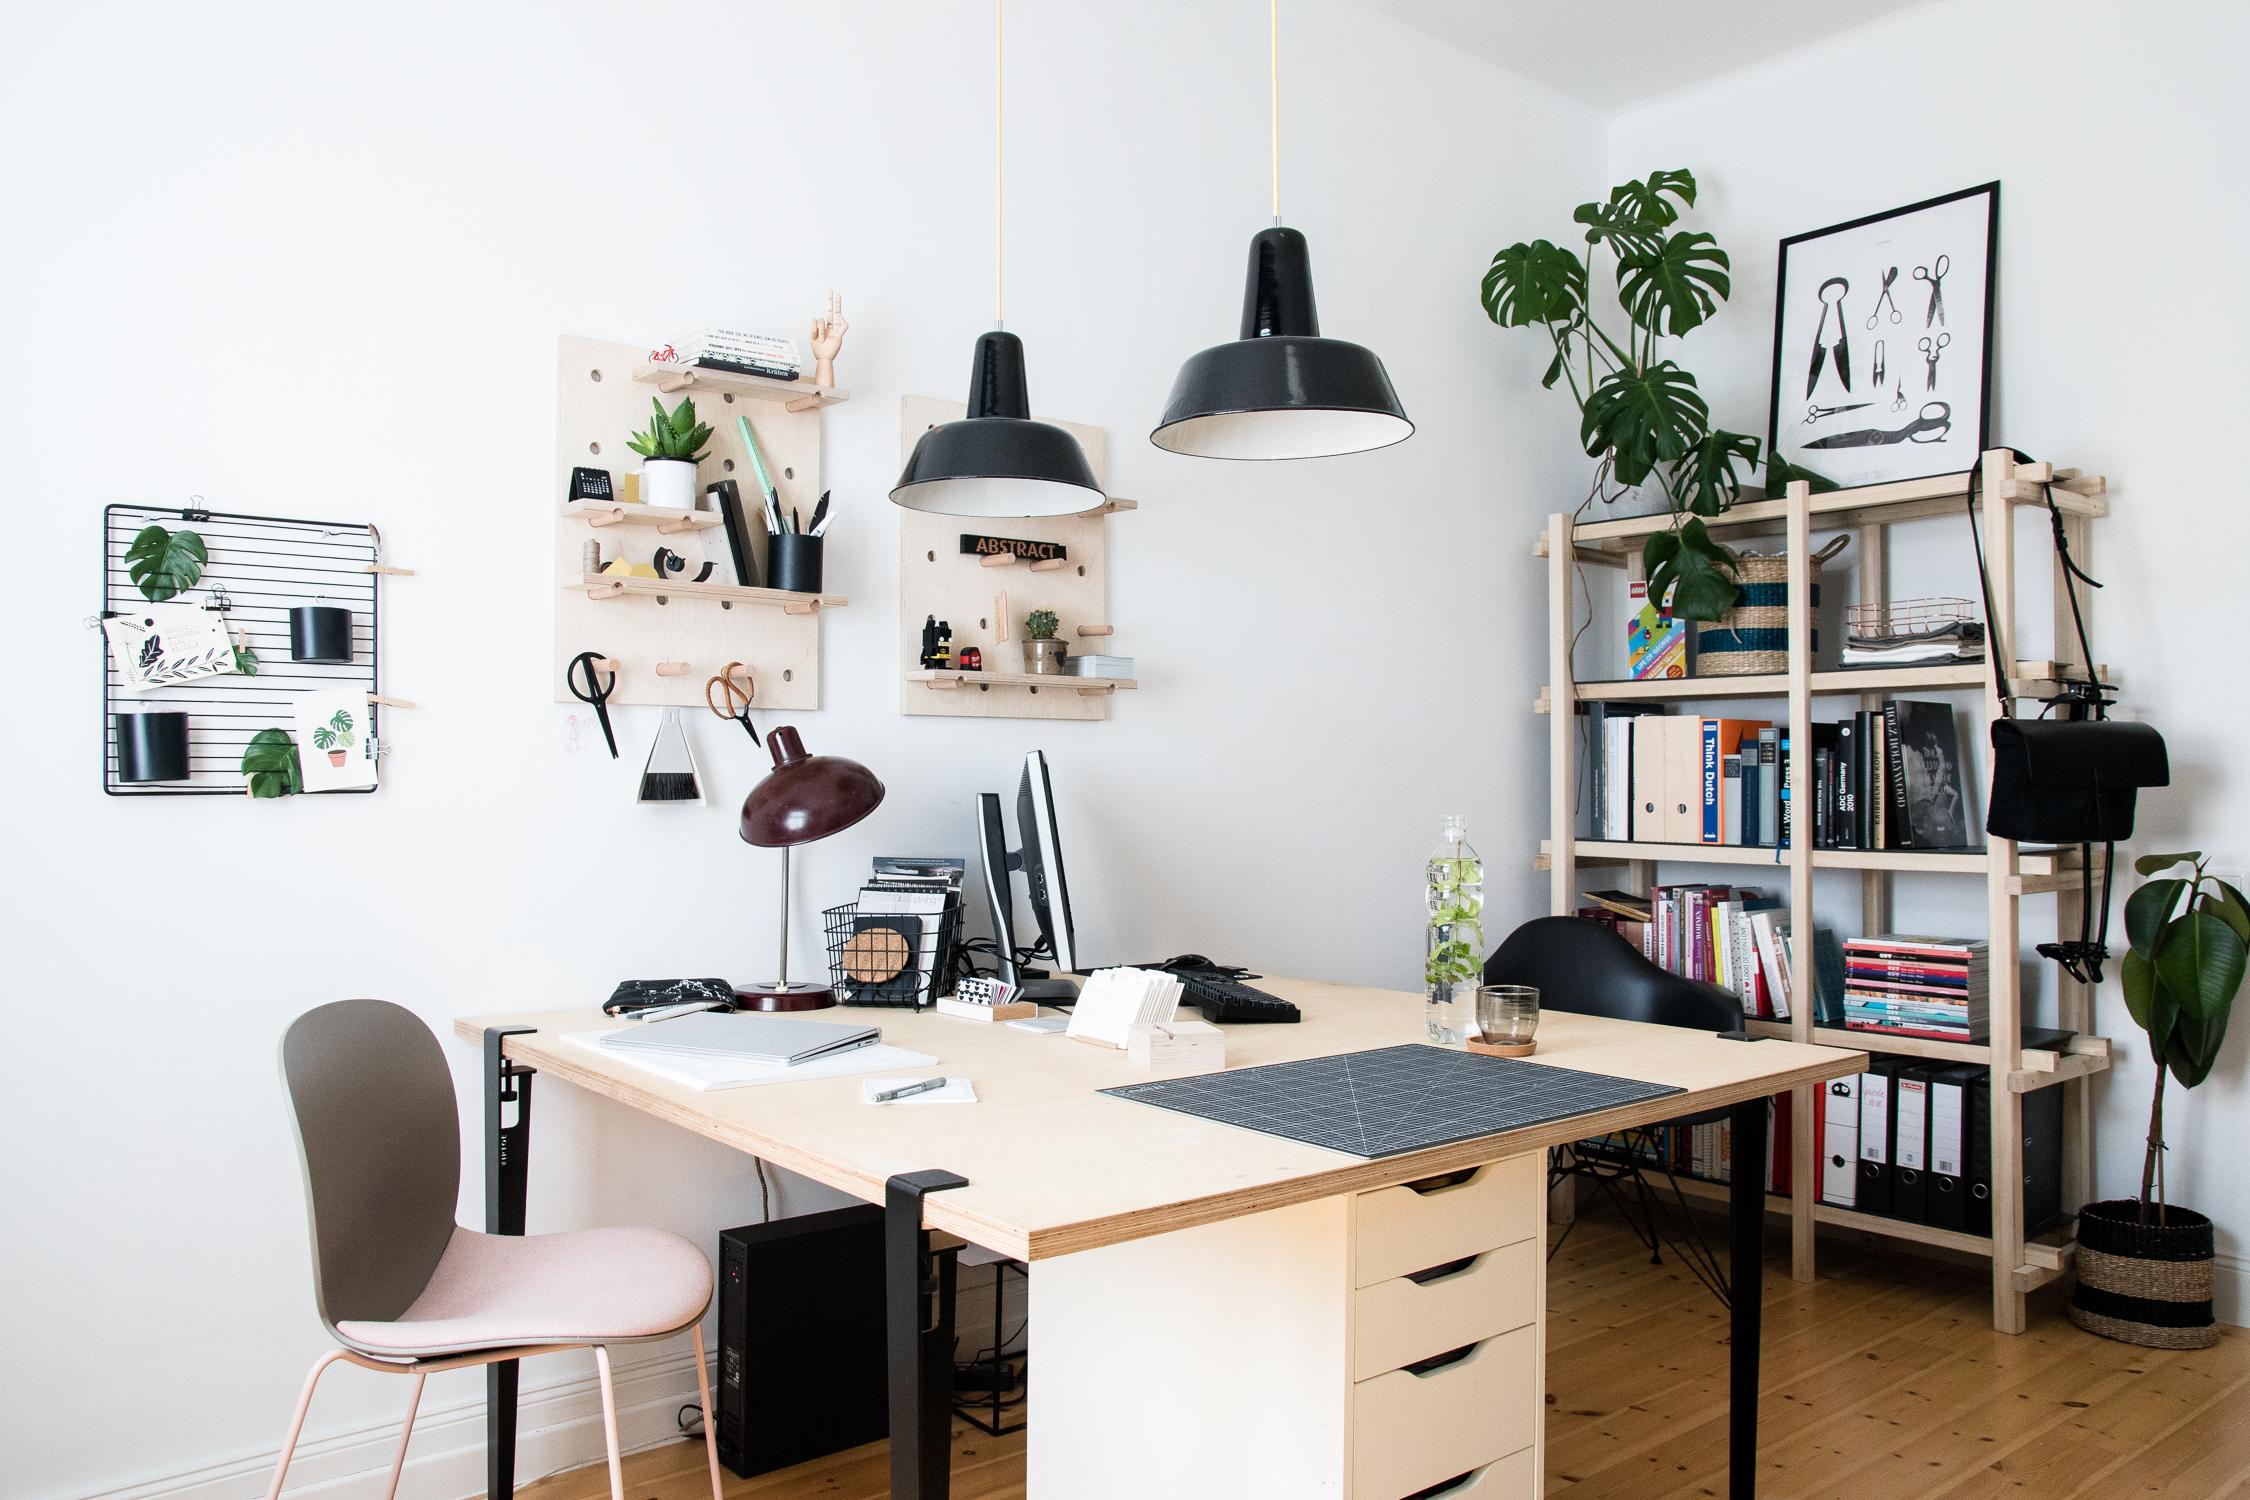 Einrichtungstipps für ein wohnliches Arbeitszimmer